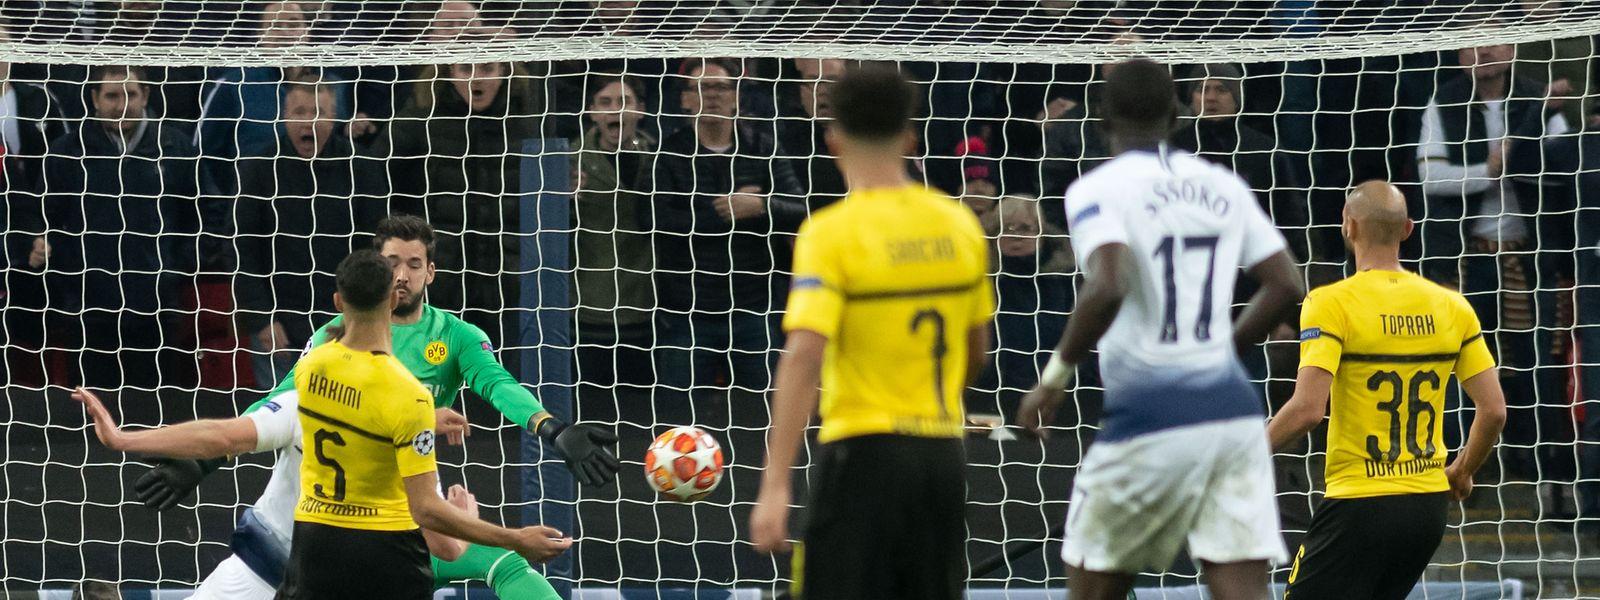 Torwart Roman Bürki (l.) und Achraf Hakimi (5) können das 2:0 durch Jan Vertonghen (verdeckt) von Tottenham nicht verhindern.